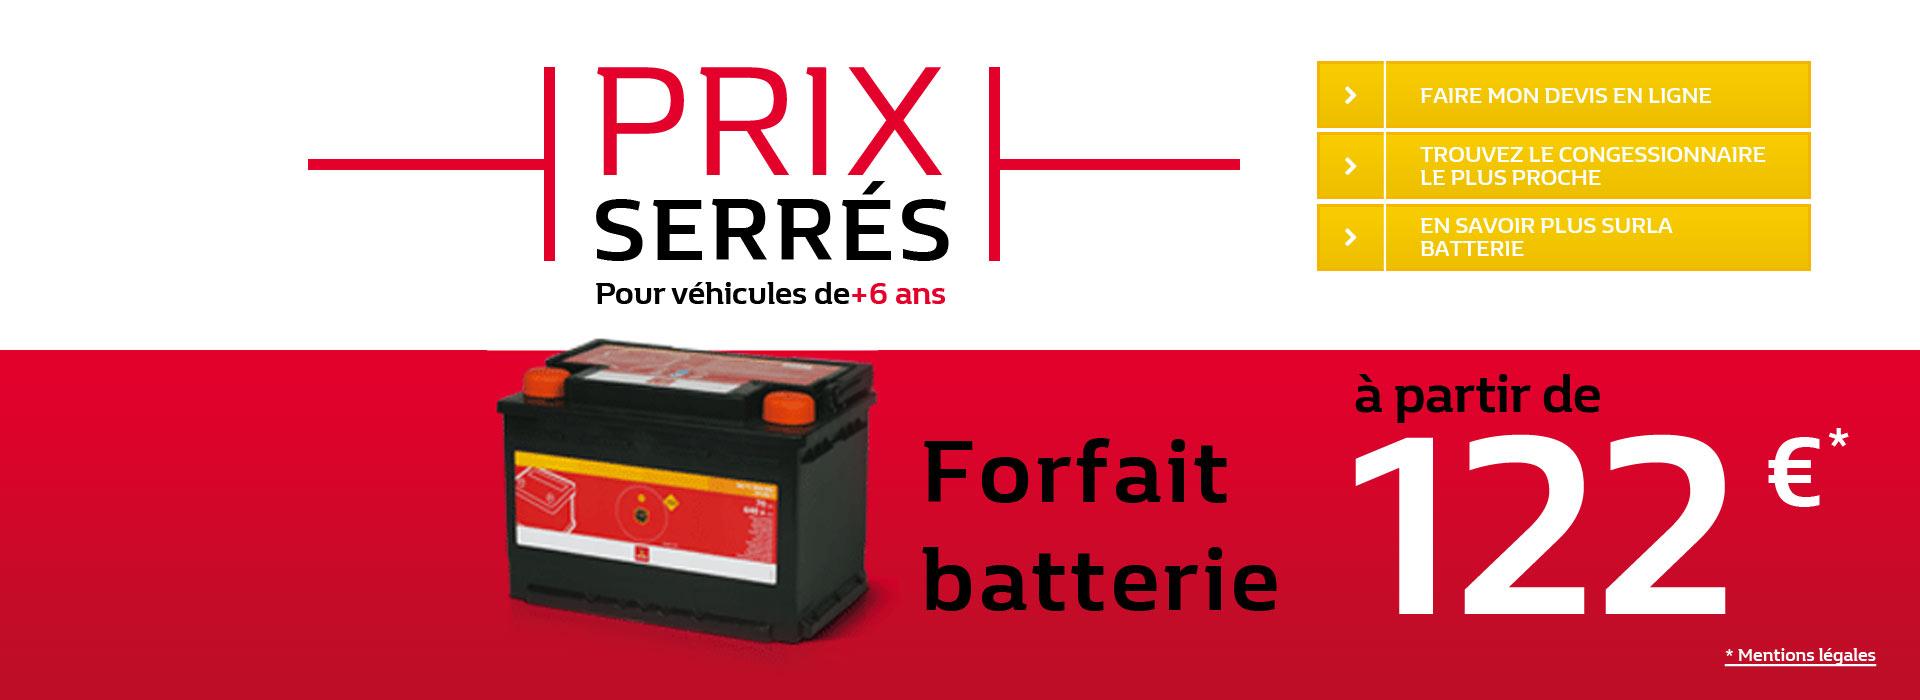 Prix Serrés - Batterie